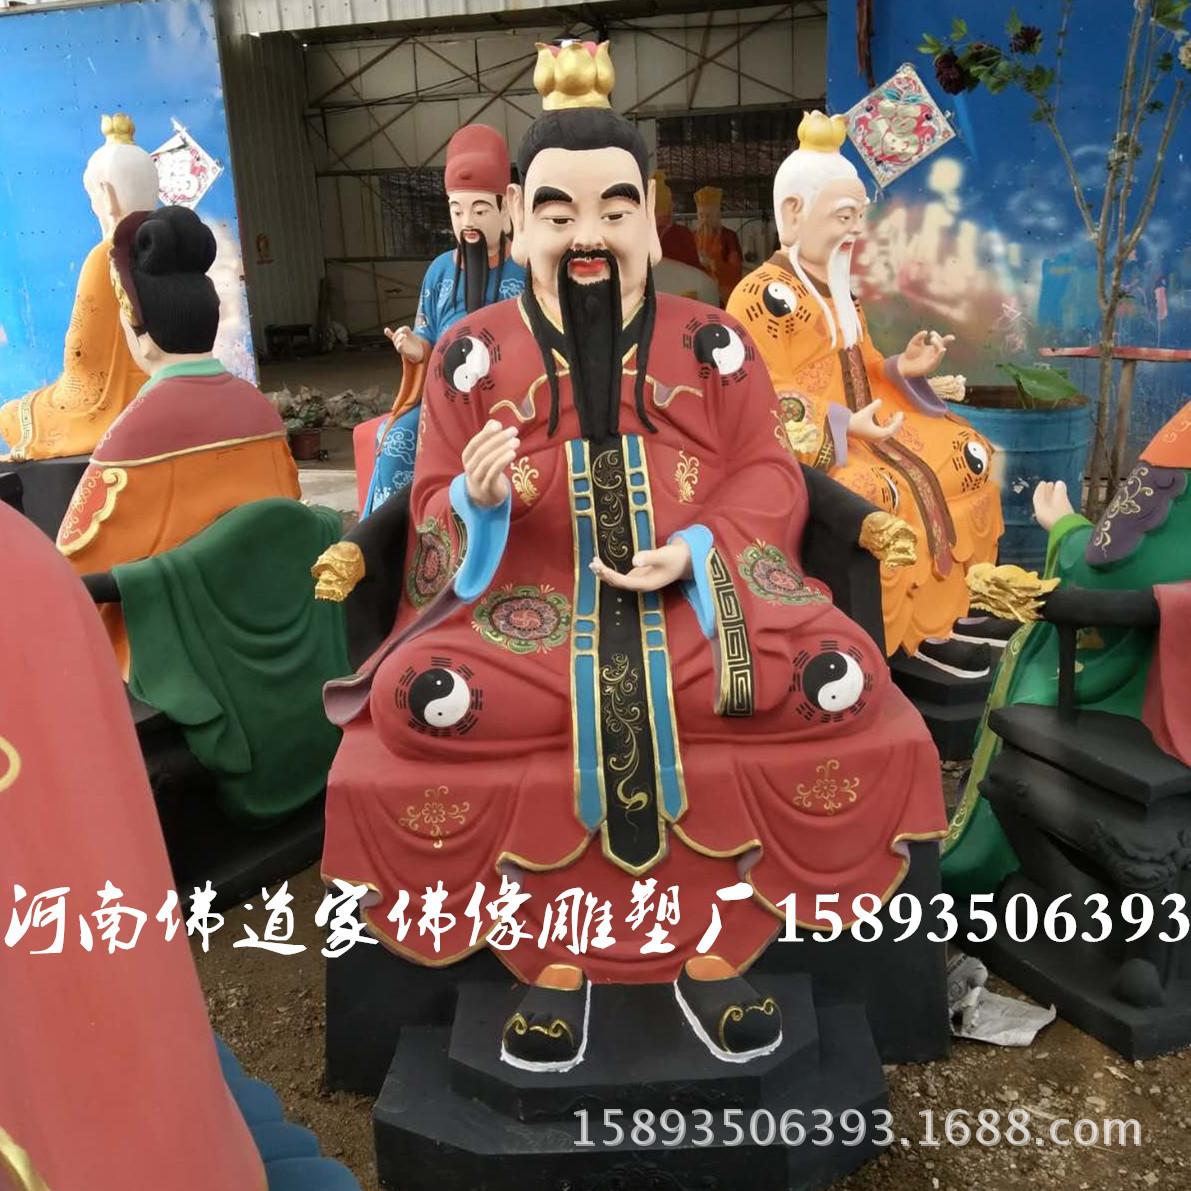 塑钢神像佛像 道教三清四御1.8米 太上老君 灵宝天尊 元始天尊像示例图2